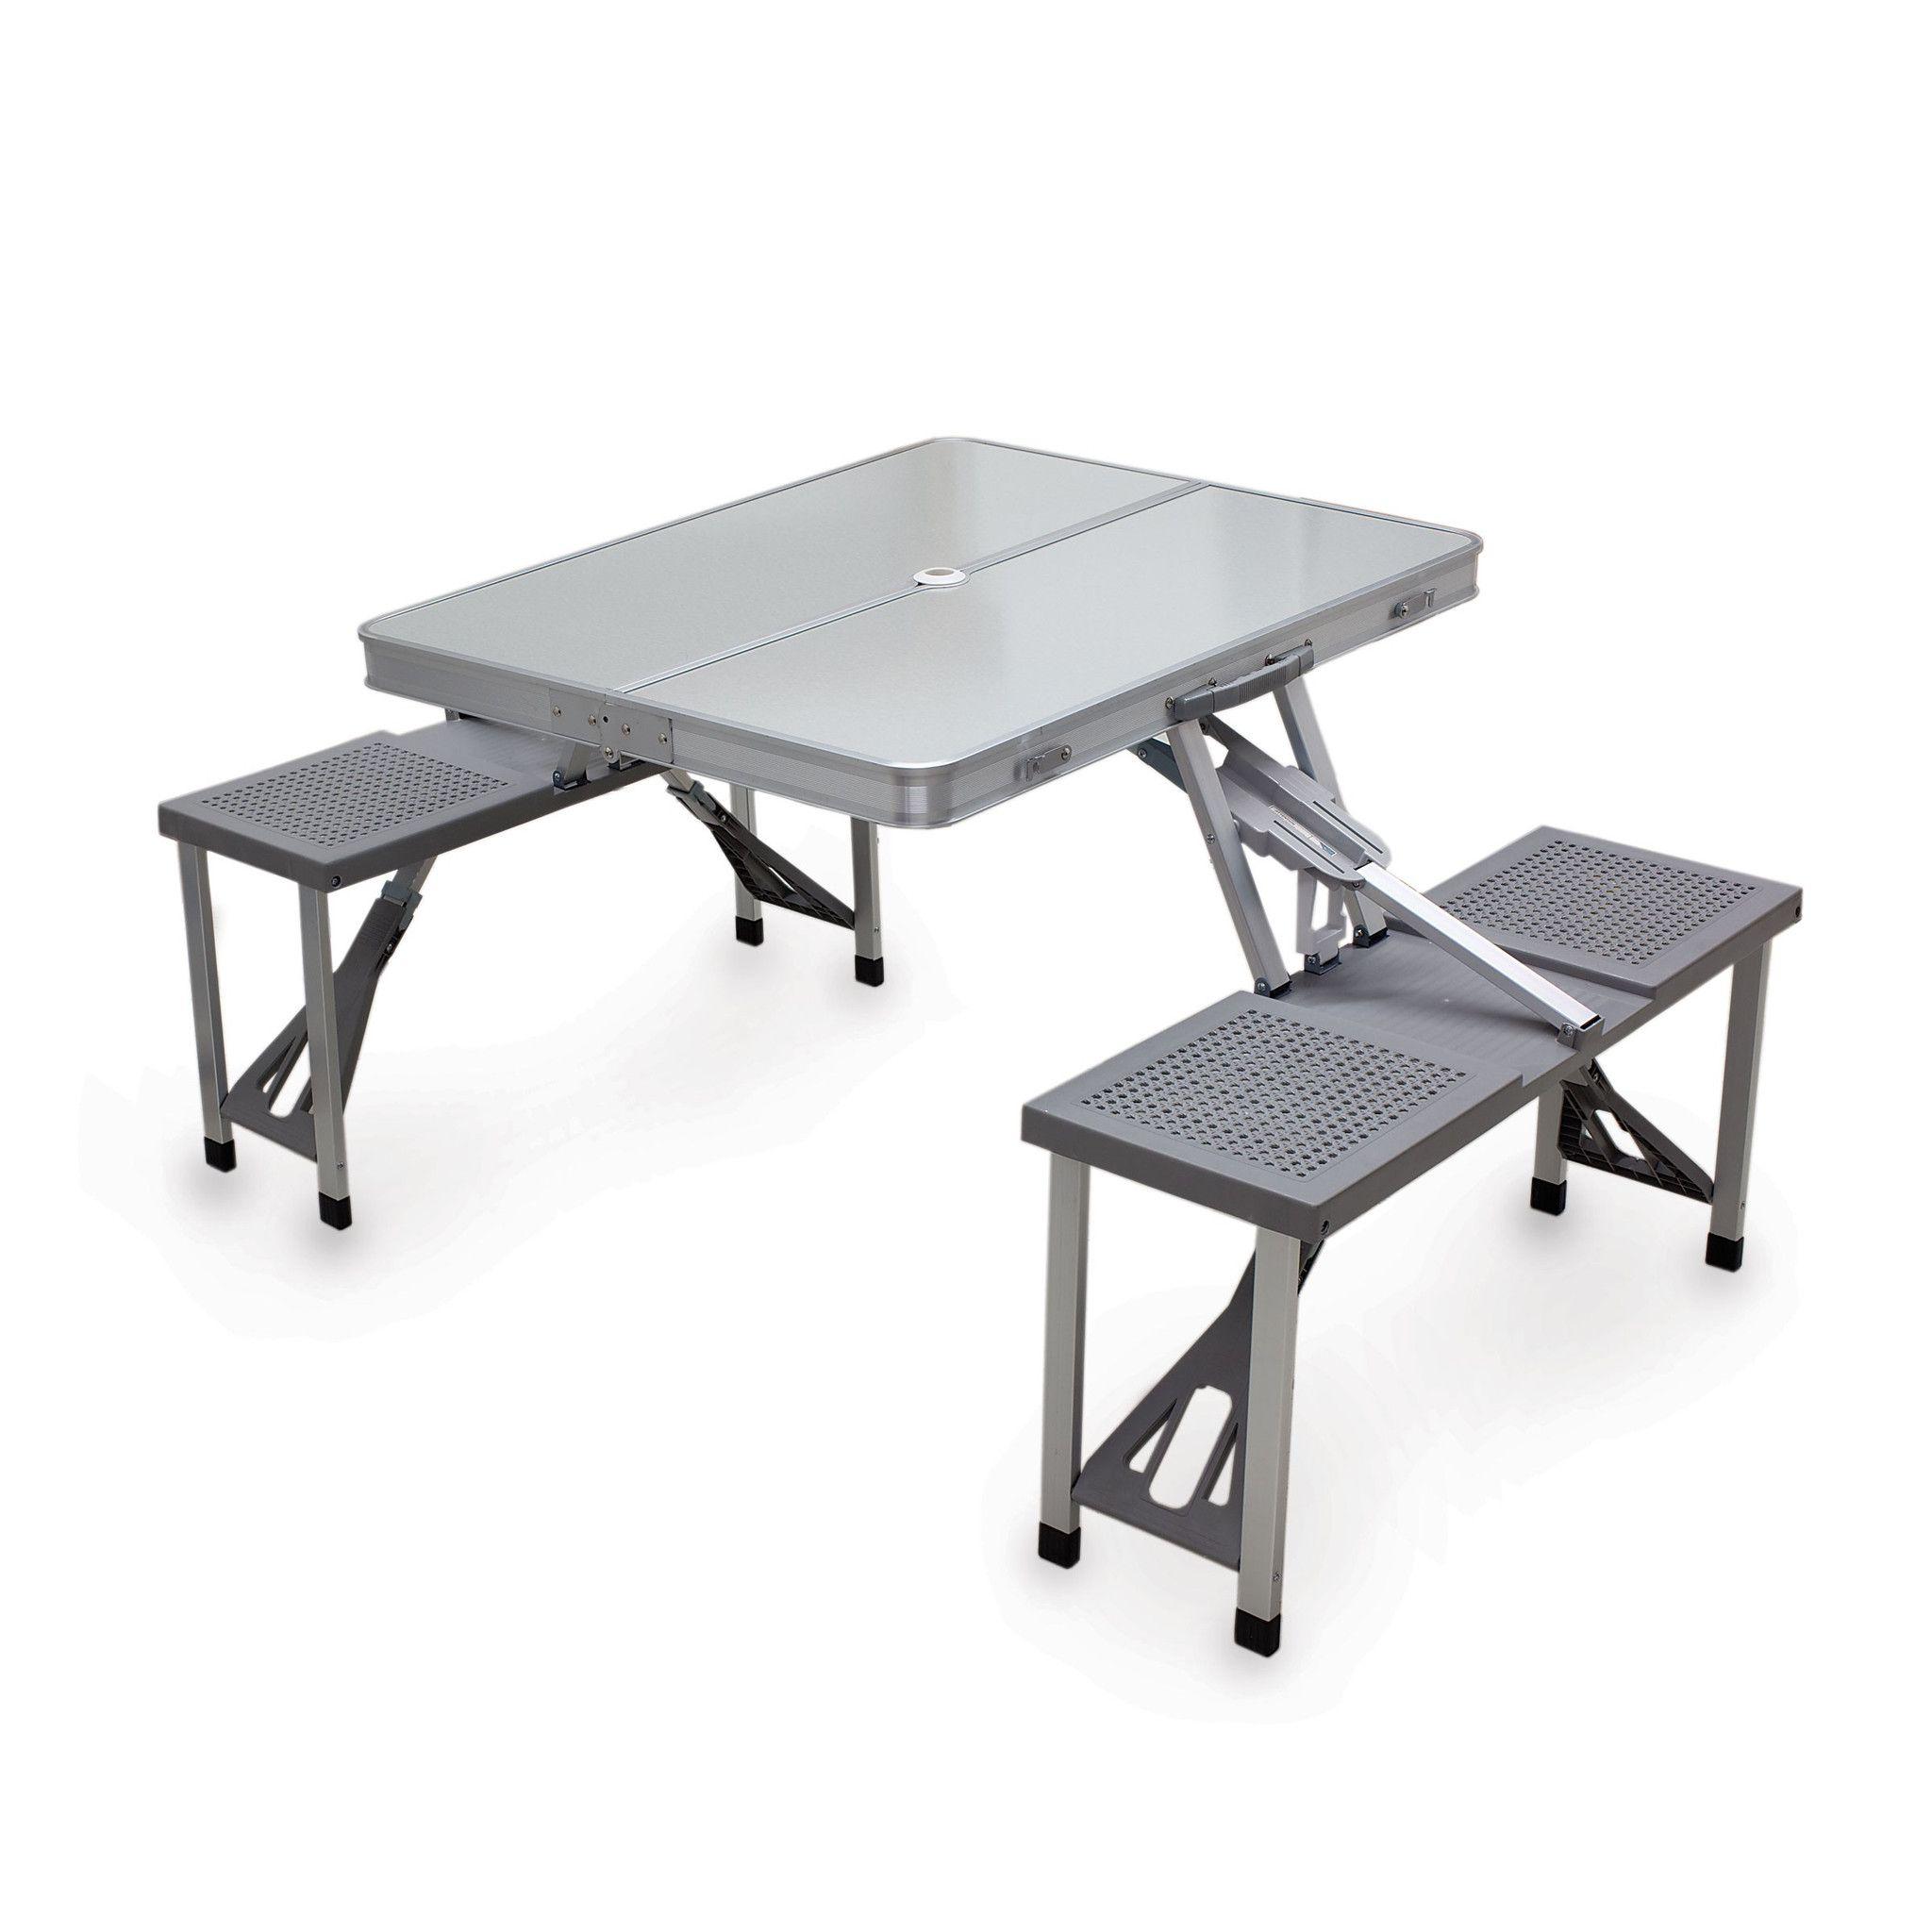 Retro Picnic Table Aluminum